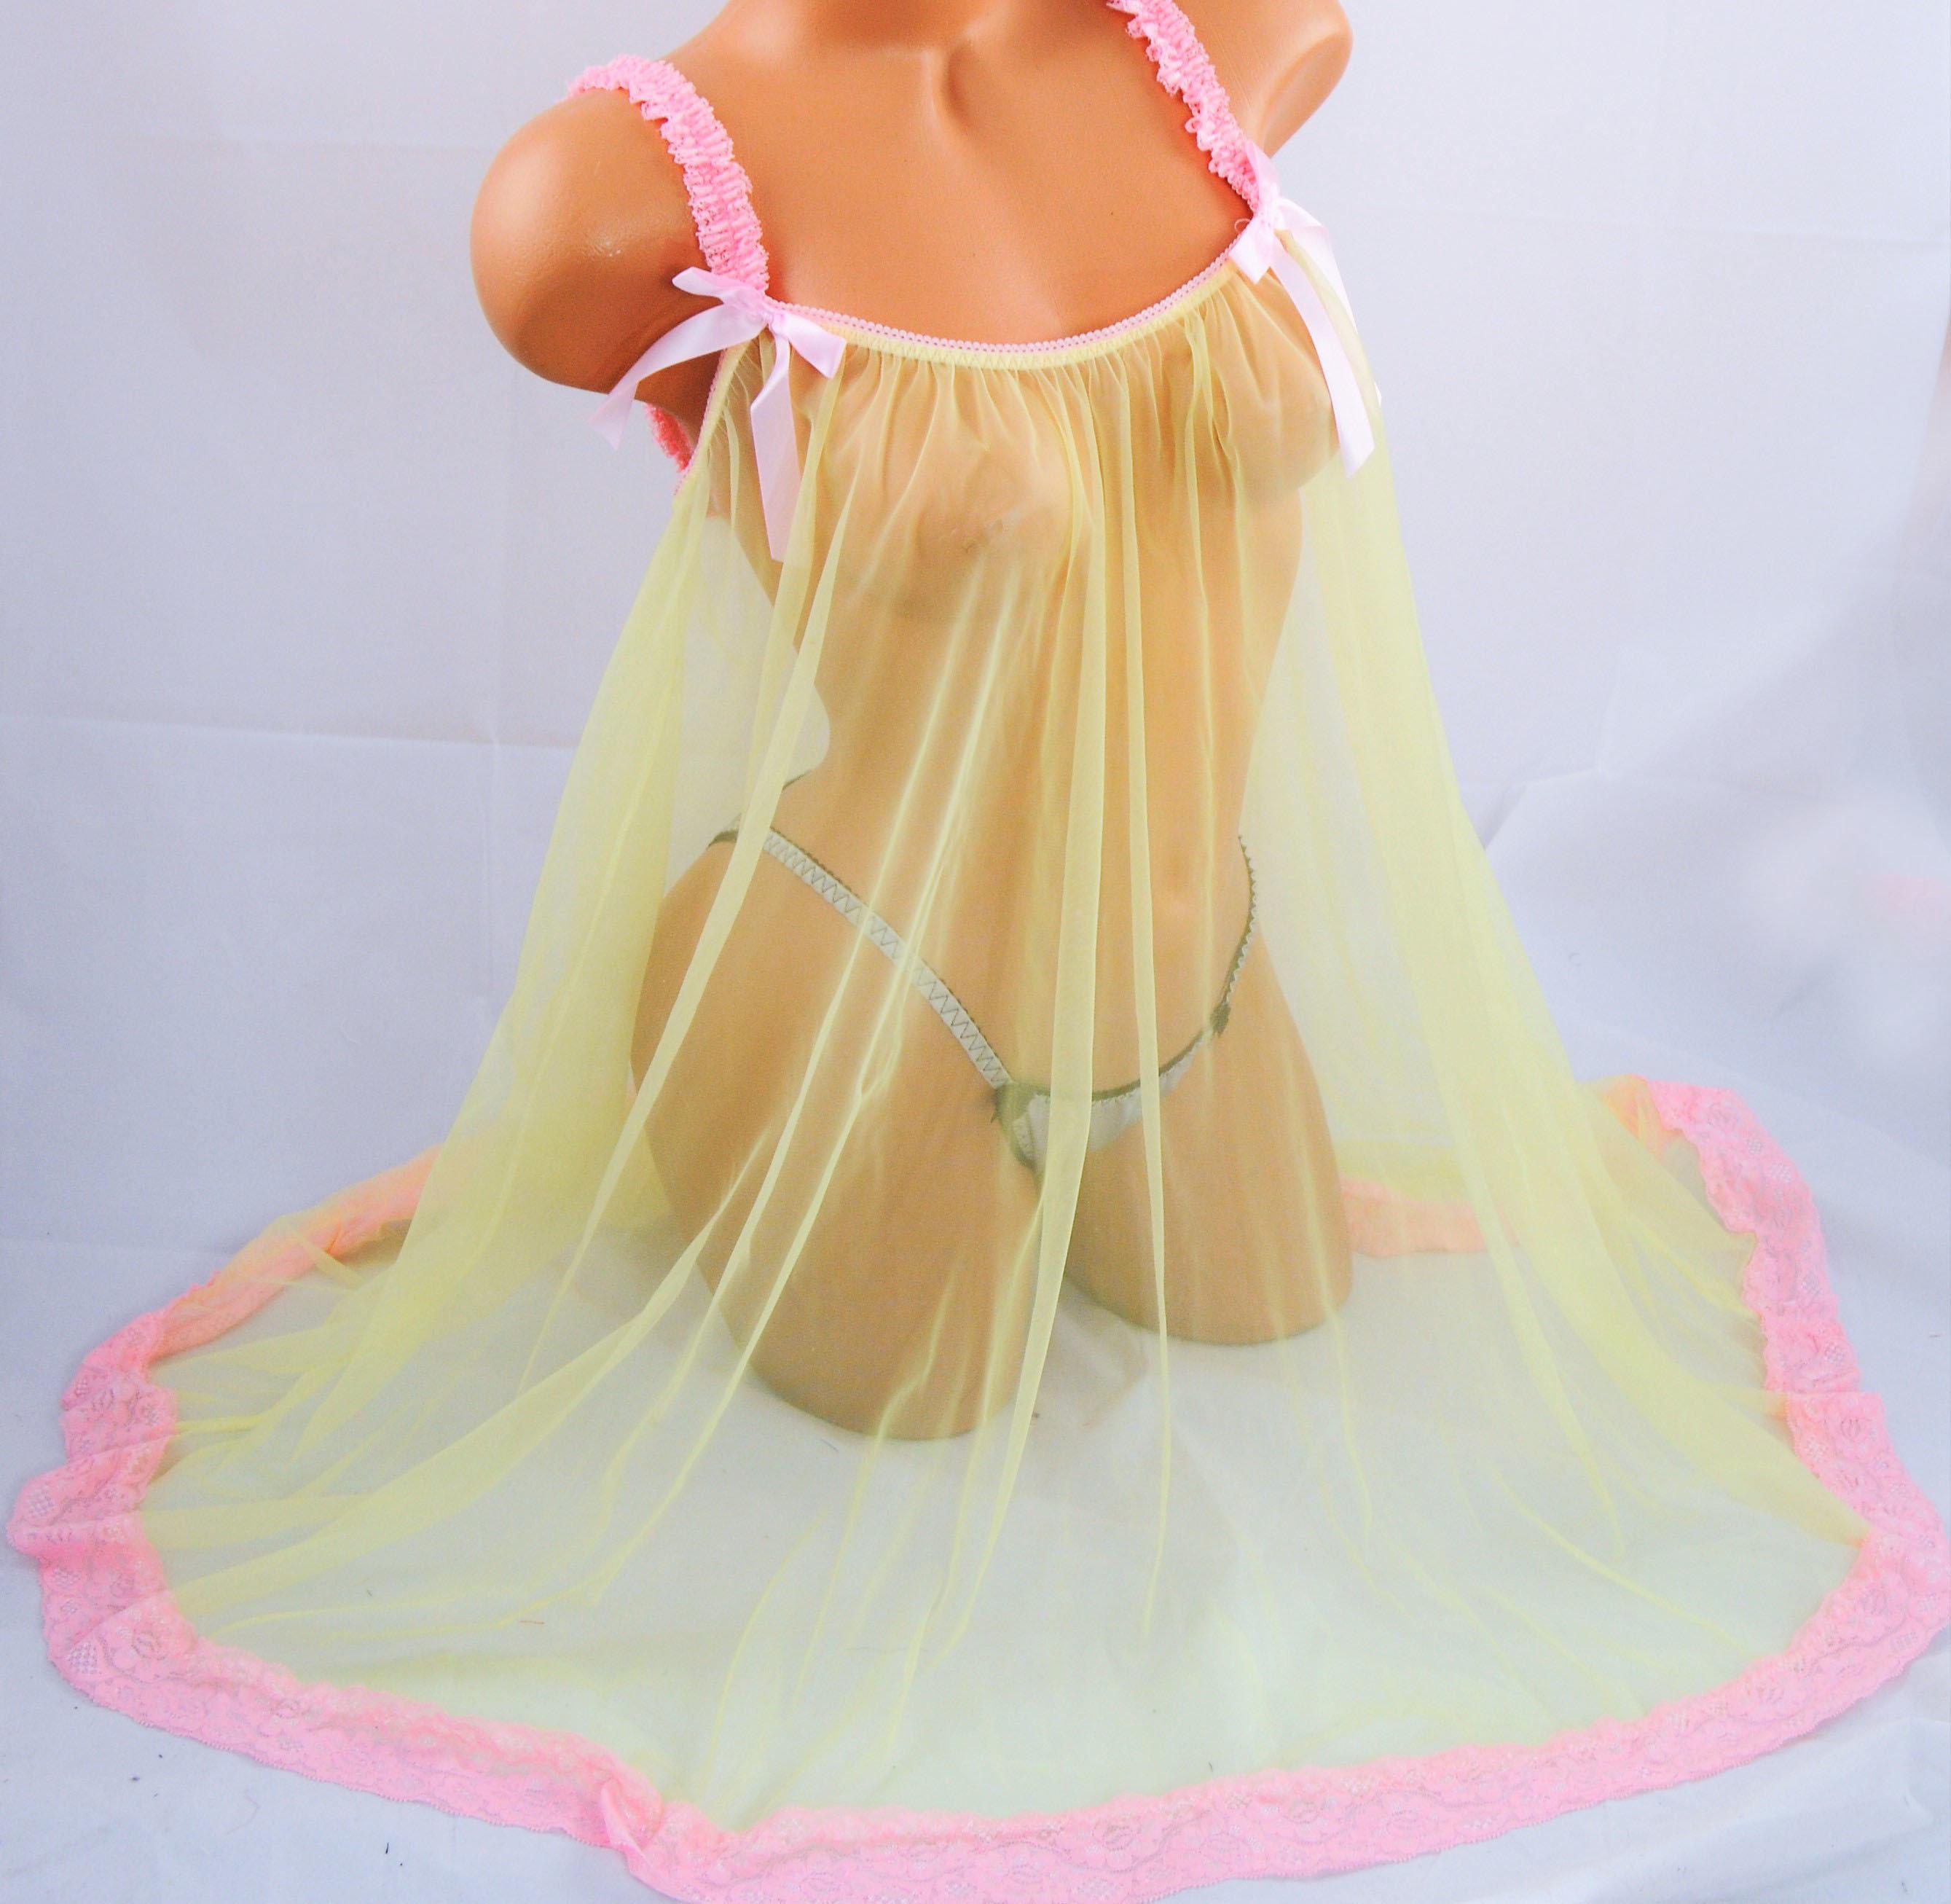 Vintage style All Antron HOT Pink chiffon nylon sissy sheer nightgown Nightie Peignoir MINI  OS L XL